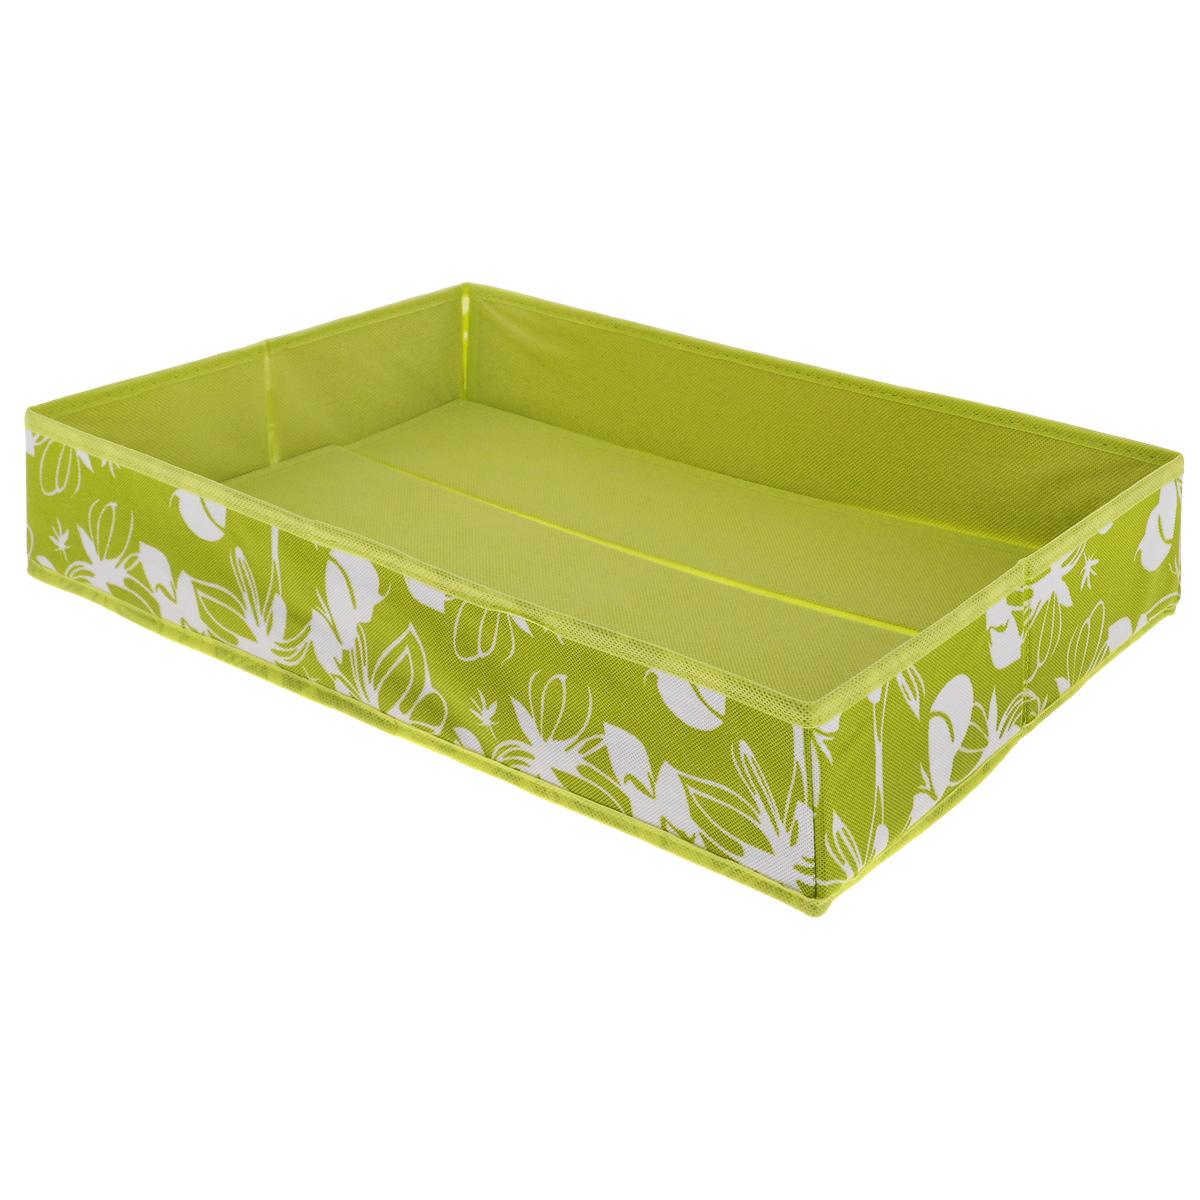 Коробка для хранения Hausmann, цвет: салатовый, 54 см х 33 см х 10 смSC-5433Коробка для хранения Hausmann поможет легко организовать пространство в шкафу или в гардеробе. Изделие выполнено из нетканого материала с жесткой вставкой из картона на дне. Боковая поверхность оформлена красивым орнаментом. В такой коробке удобно хранить одежду, рубашки, белье.